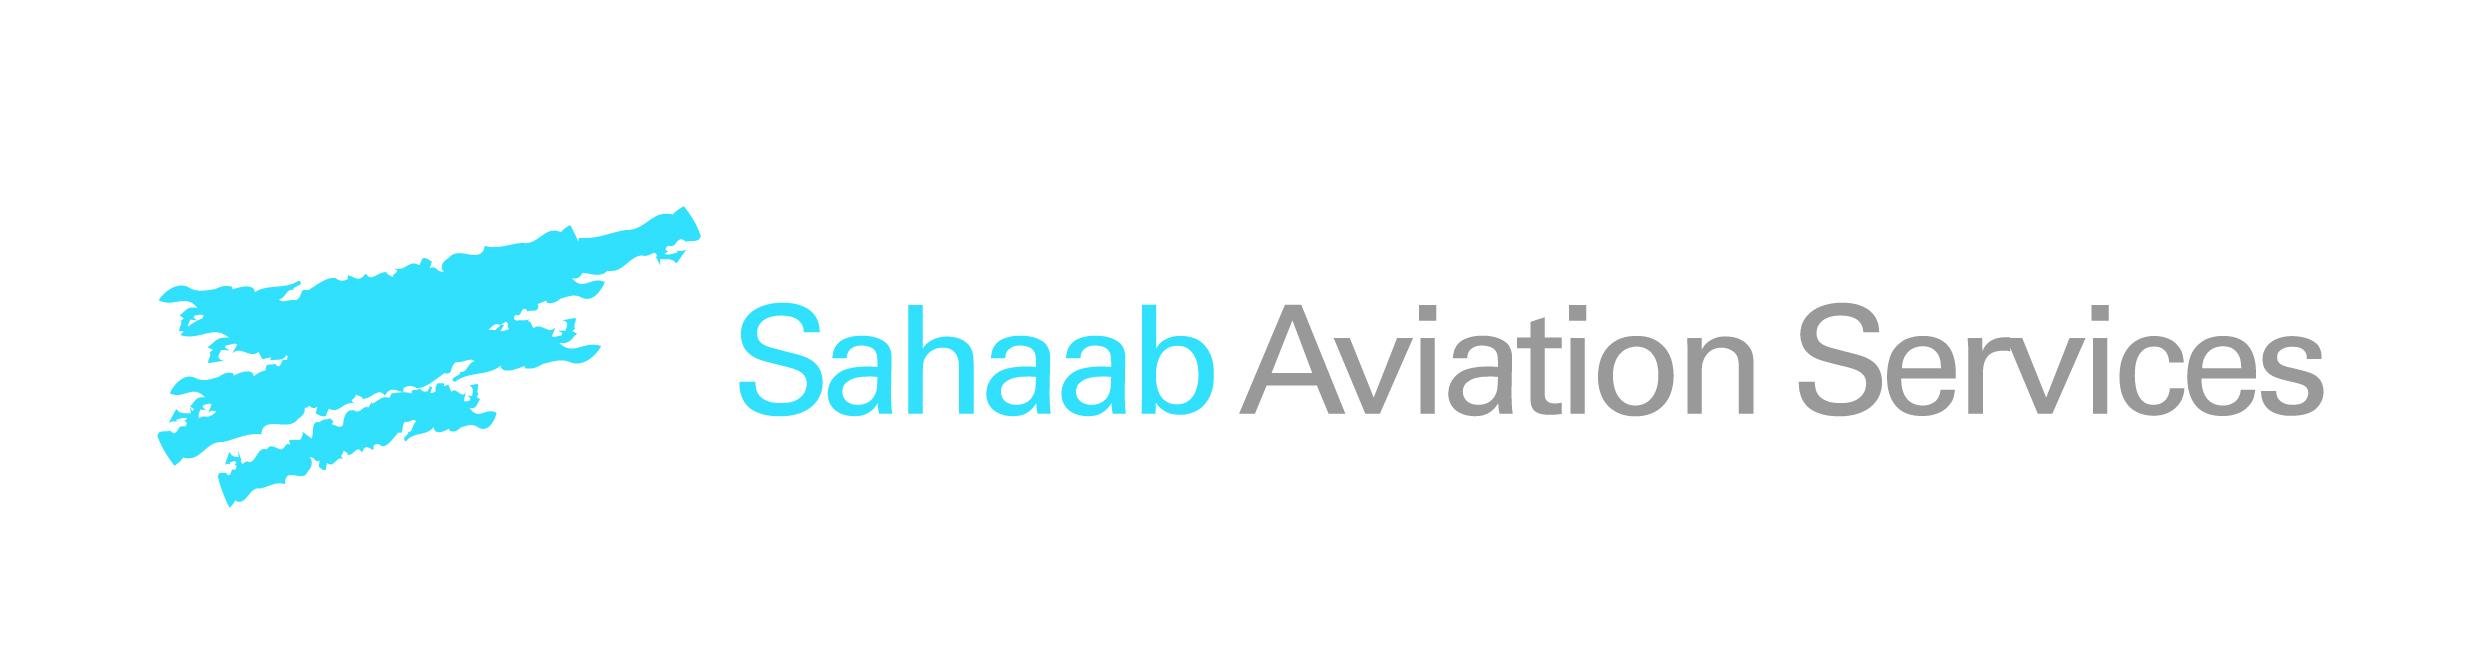 sahaab_logo_grey